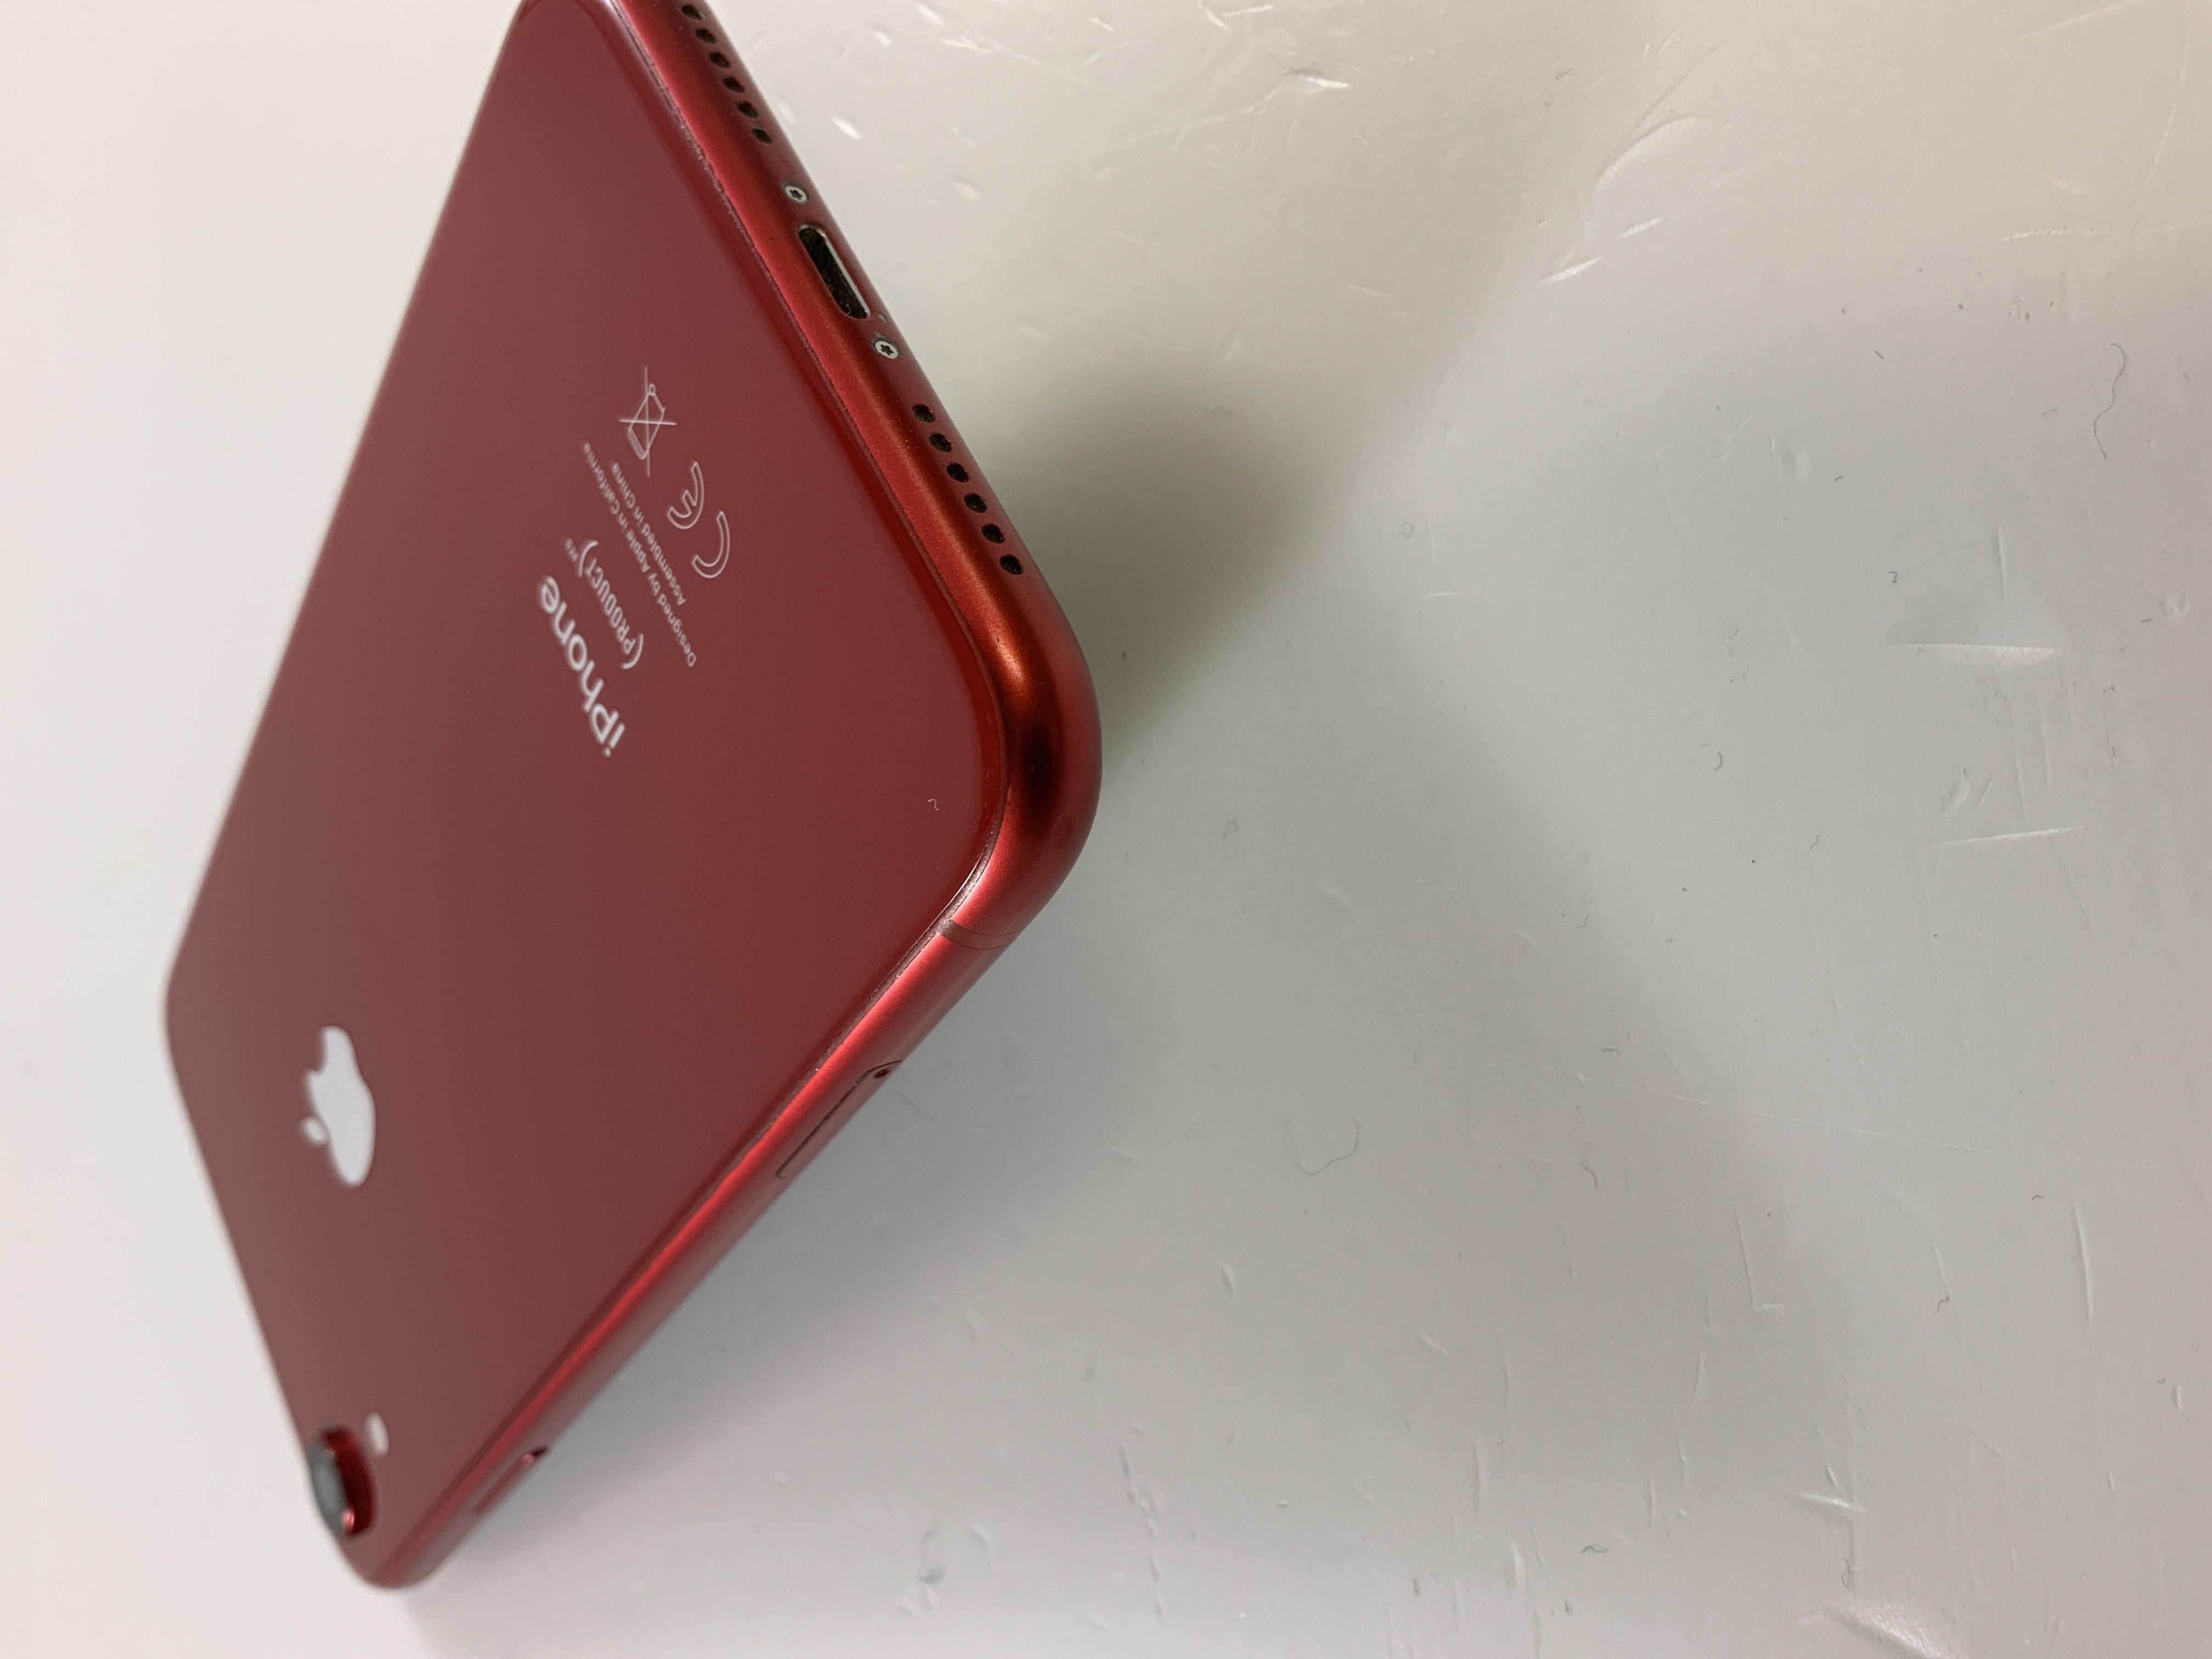 iPhone XR 64GB, 64GB, Red, obraz 5